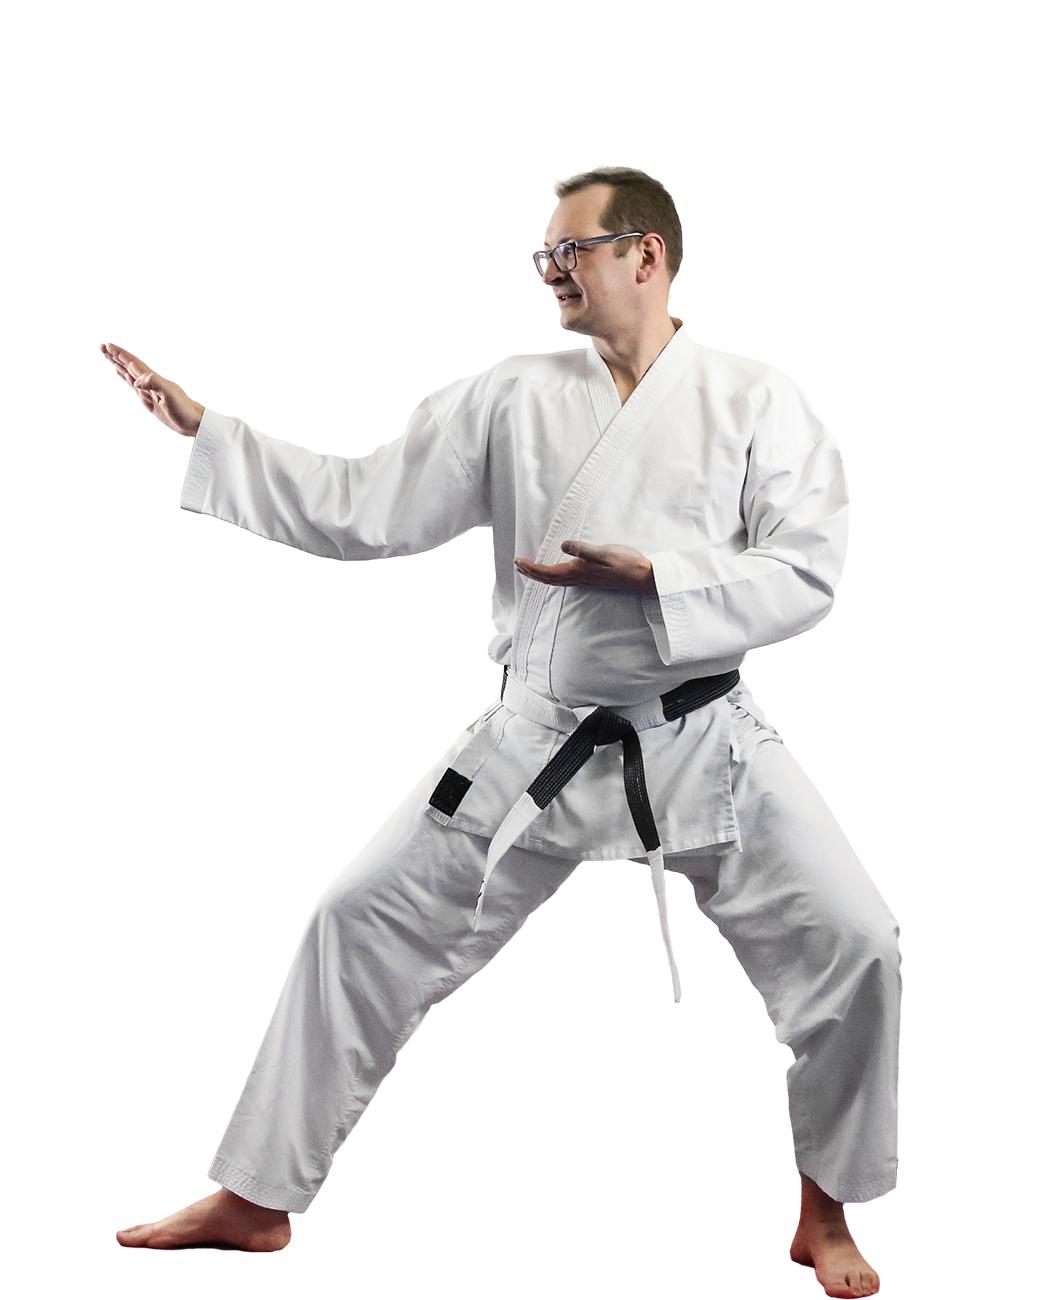 Karate_Trainer_Sven-Meißner_Action Kopie